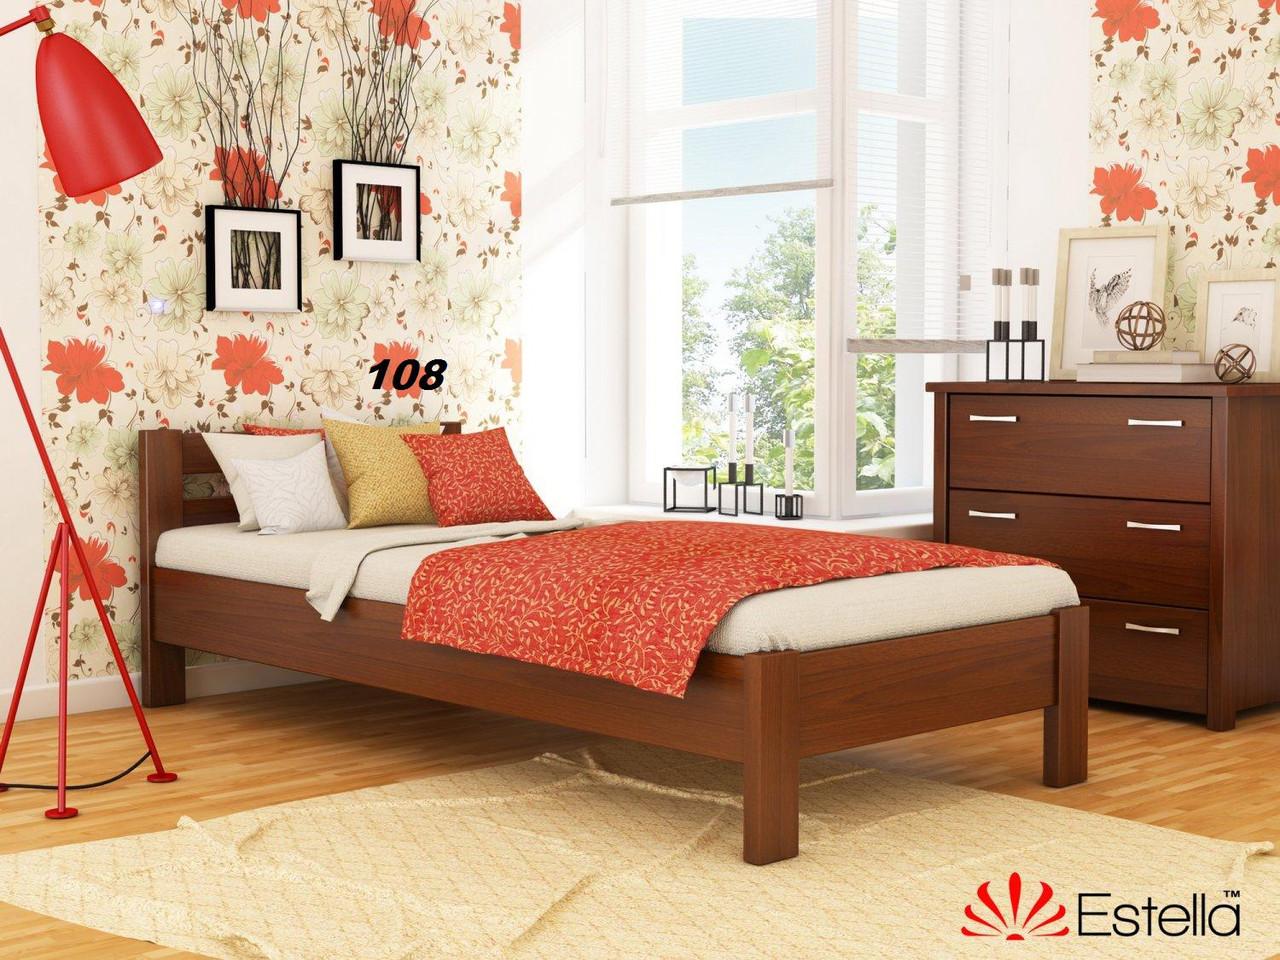 Кровать Рената односпальная Бук Щит 108 (Эстелла-ТМ)